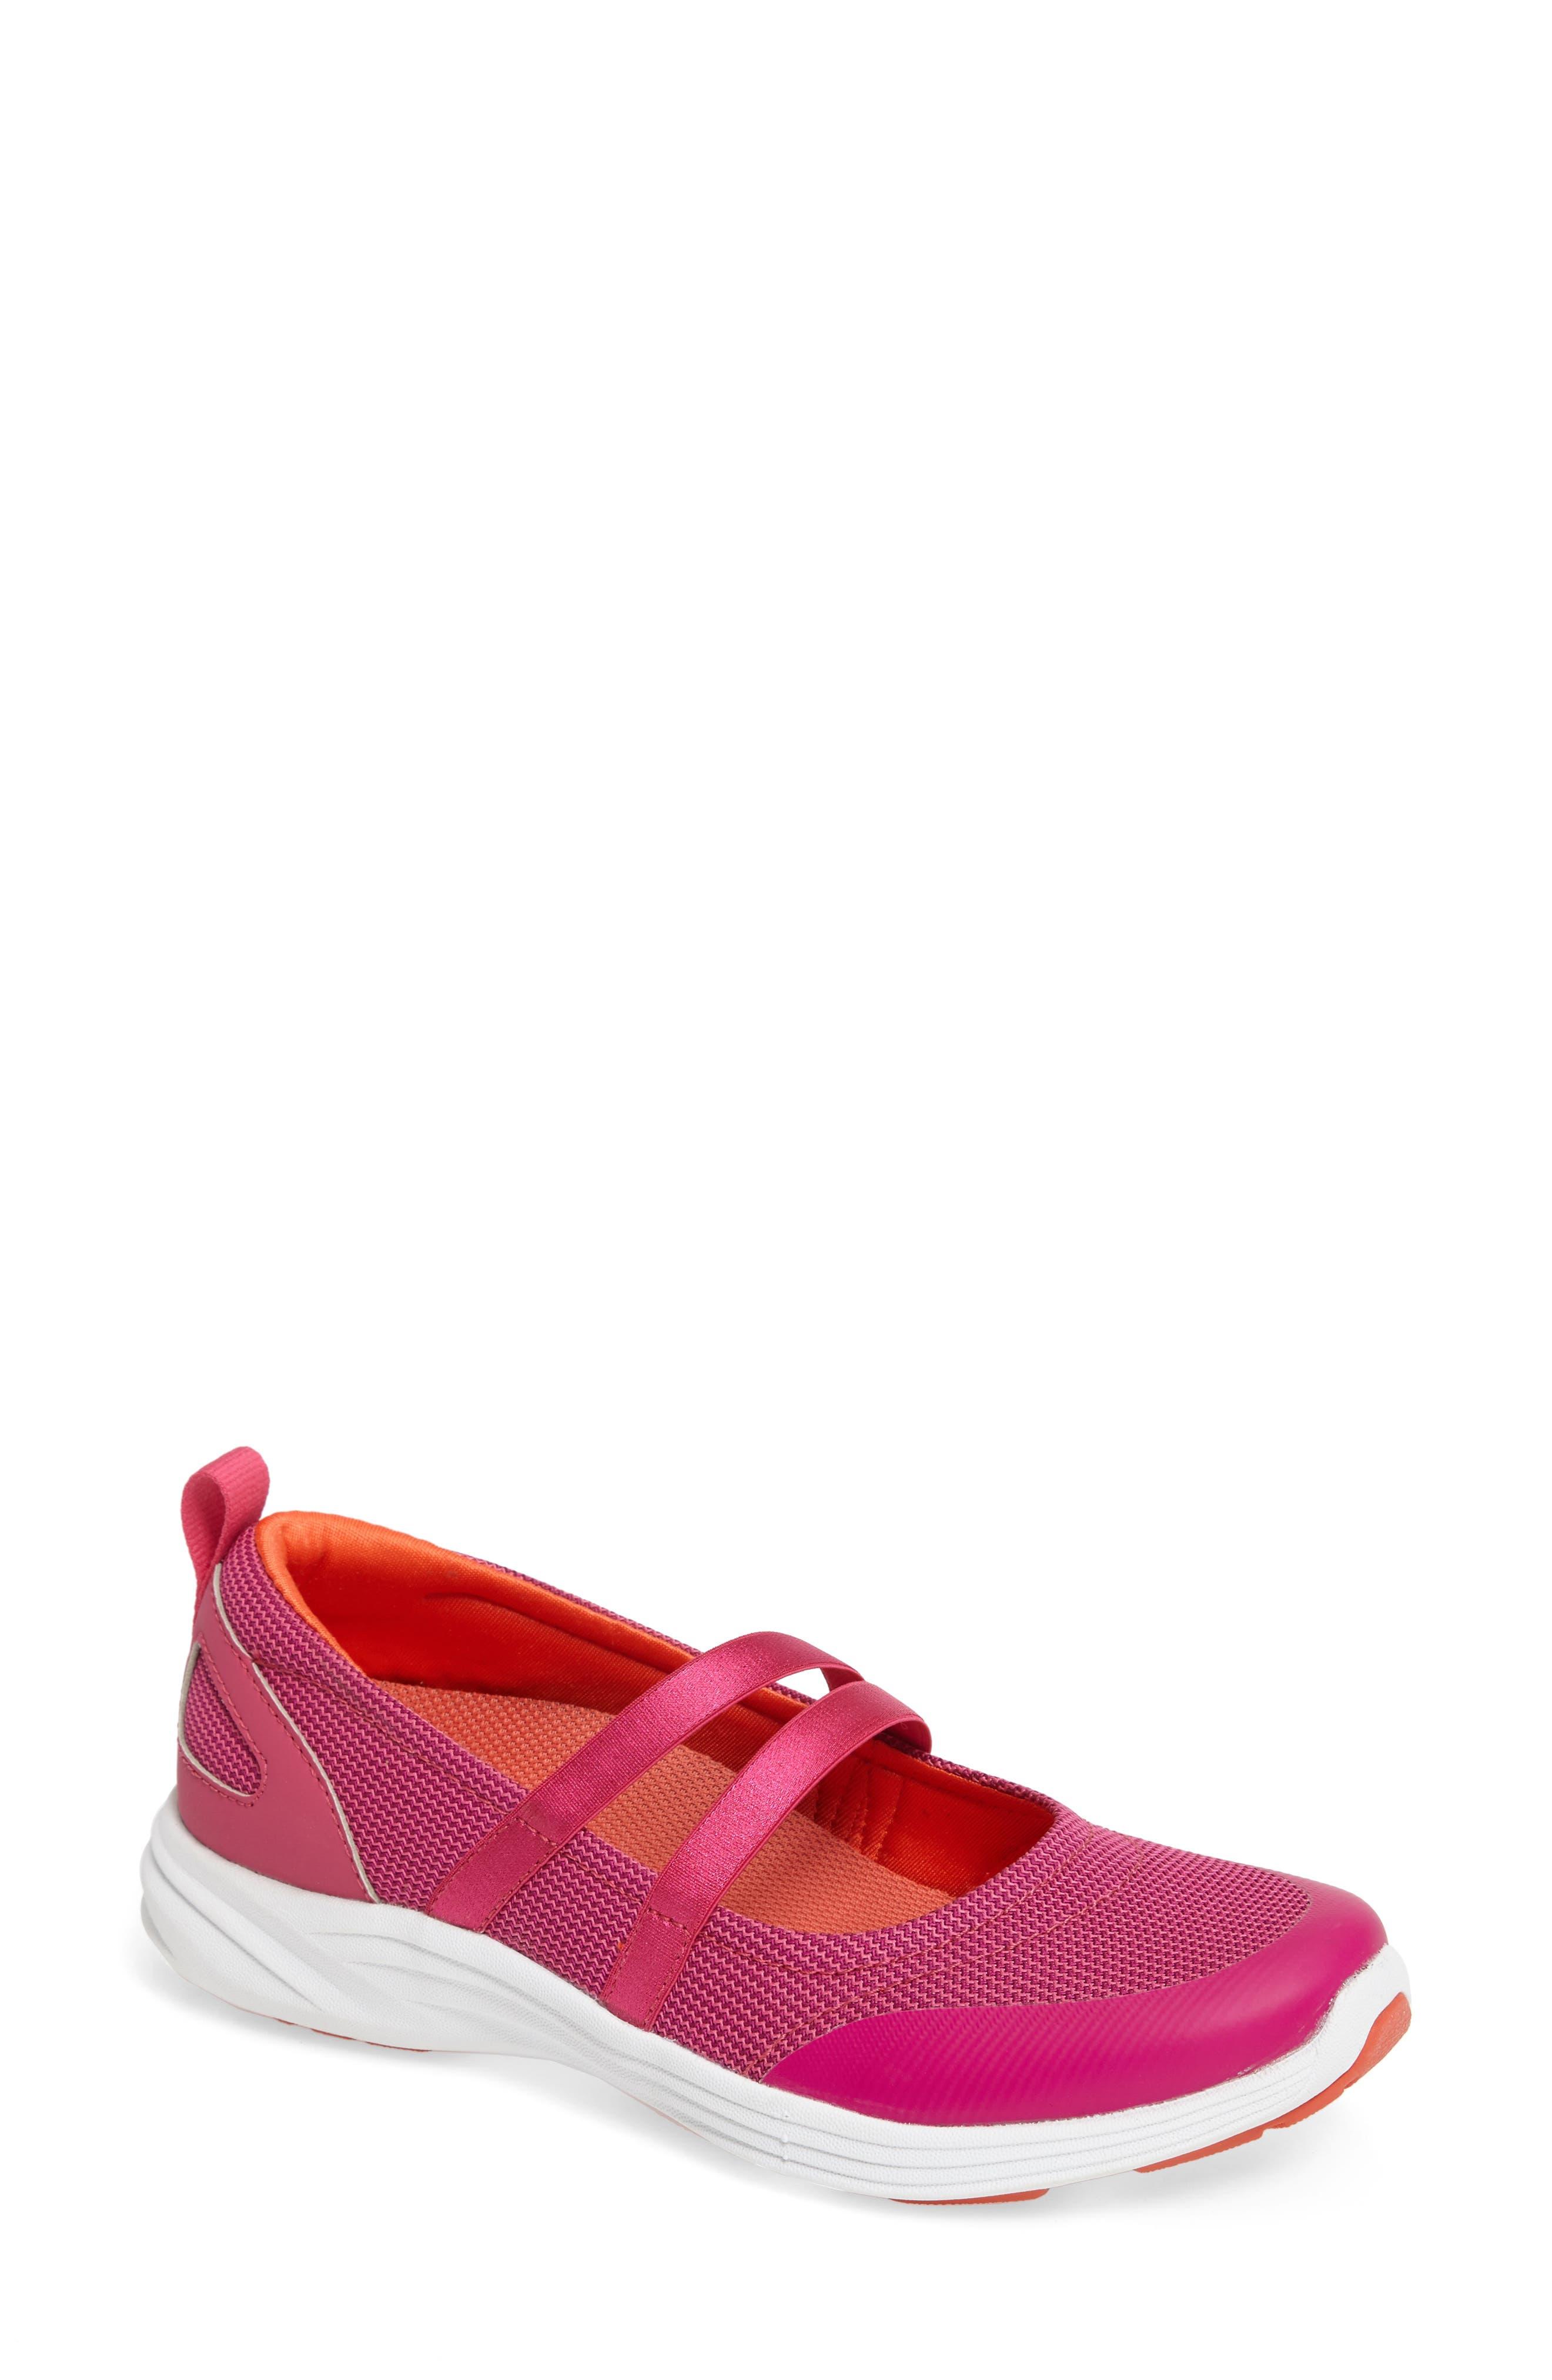 VIONIC 'Opal' Slip-On Sneaker